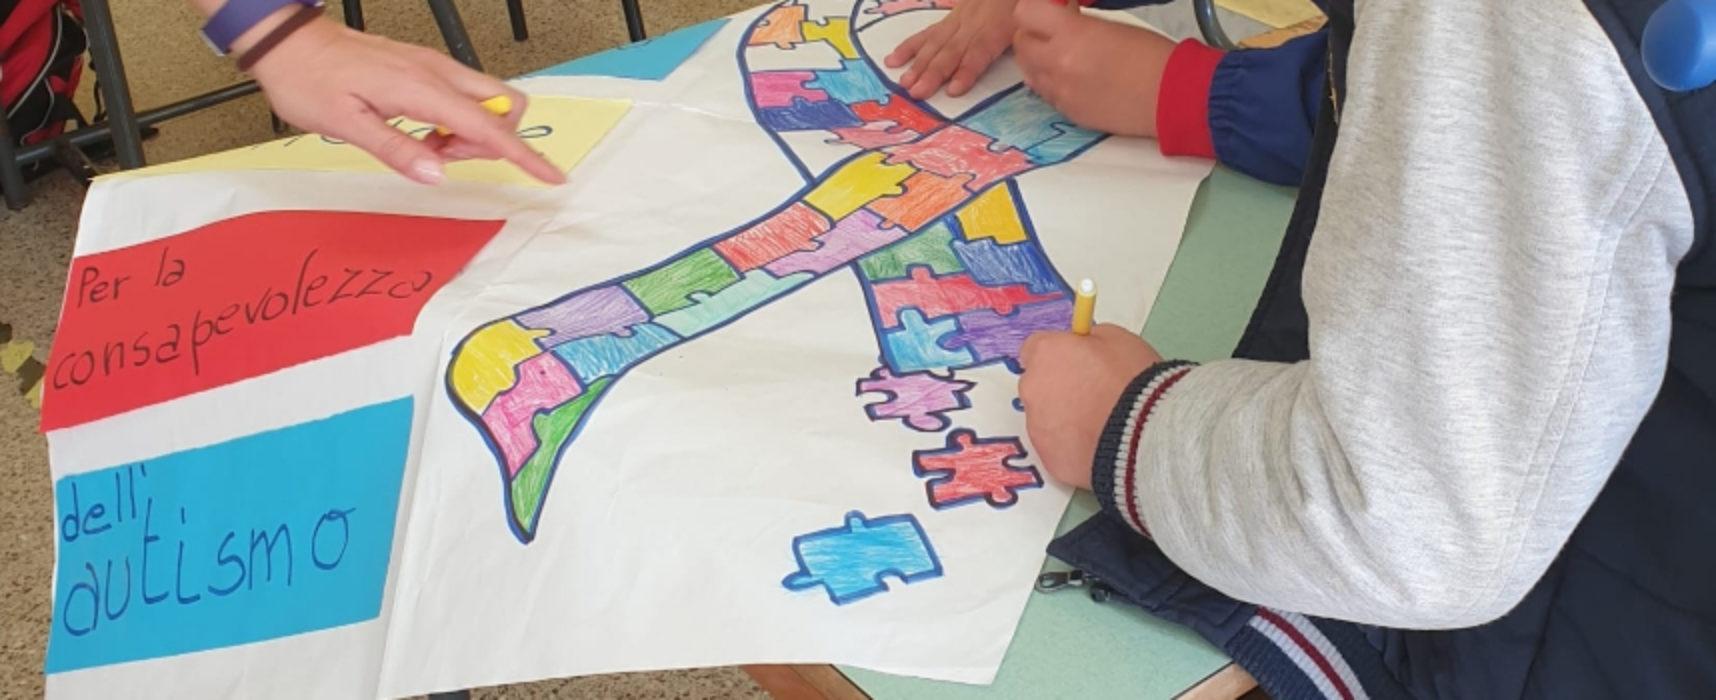 Giornata consapevolezza autismo, quarto circolo canta l'inclusione / FOTO e VIDEO